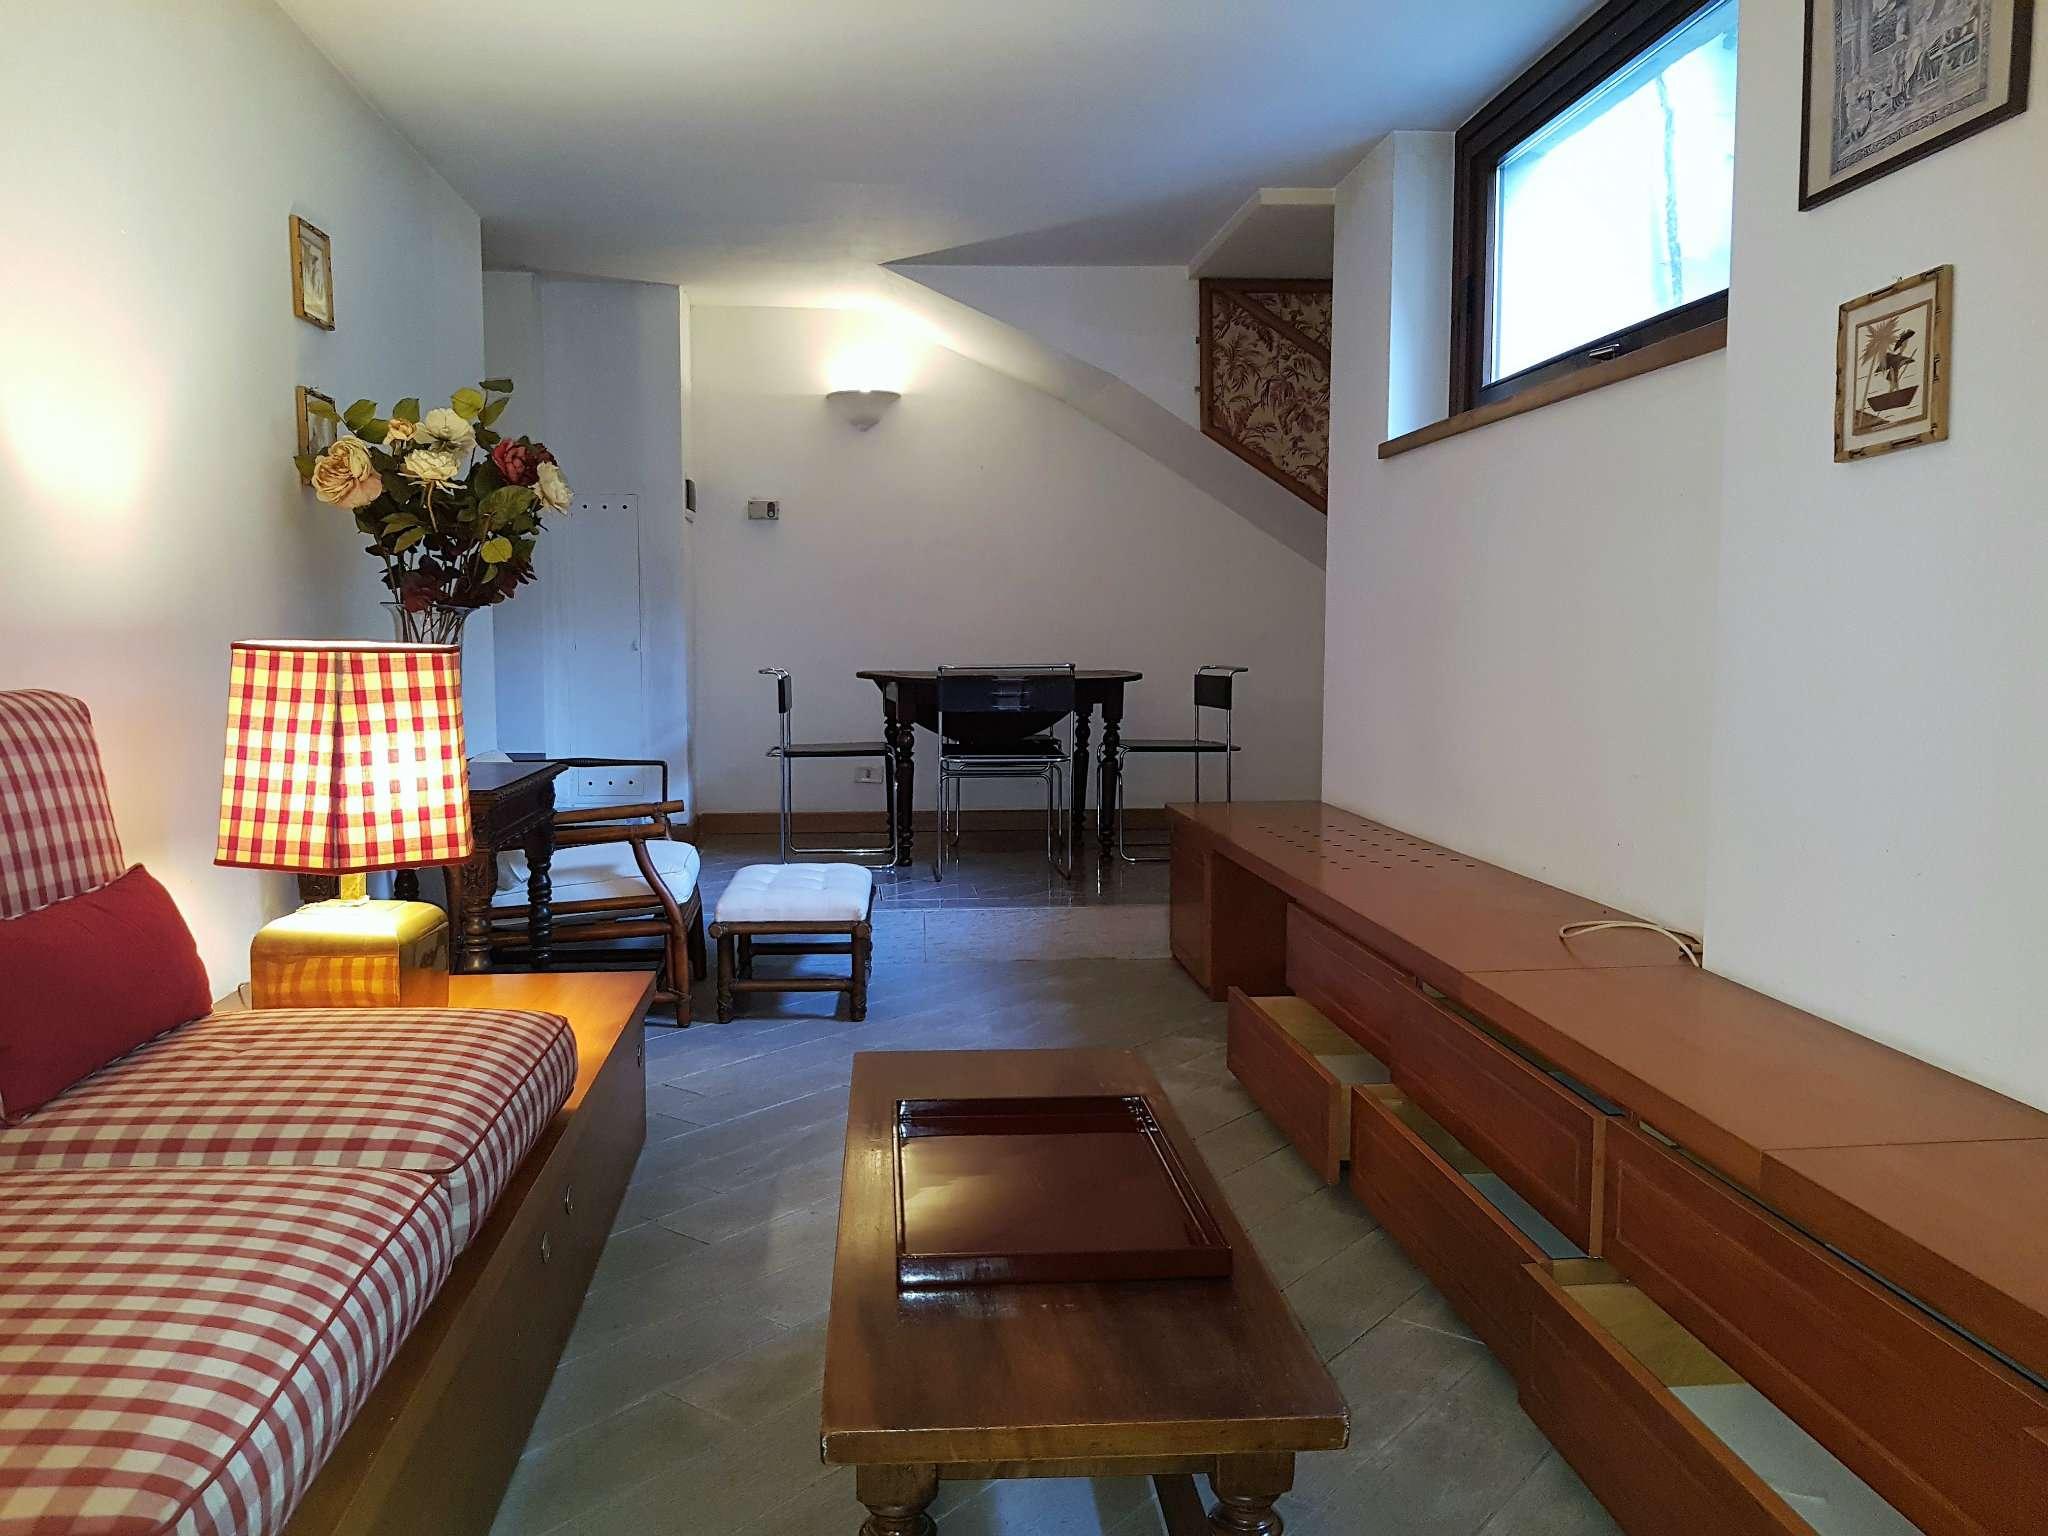 Villa in Vendita a Lentate Sul Seveso: 3 locali, 76 mq